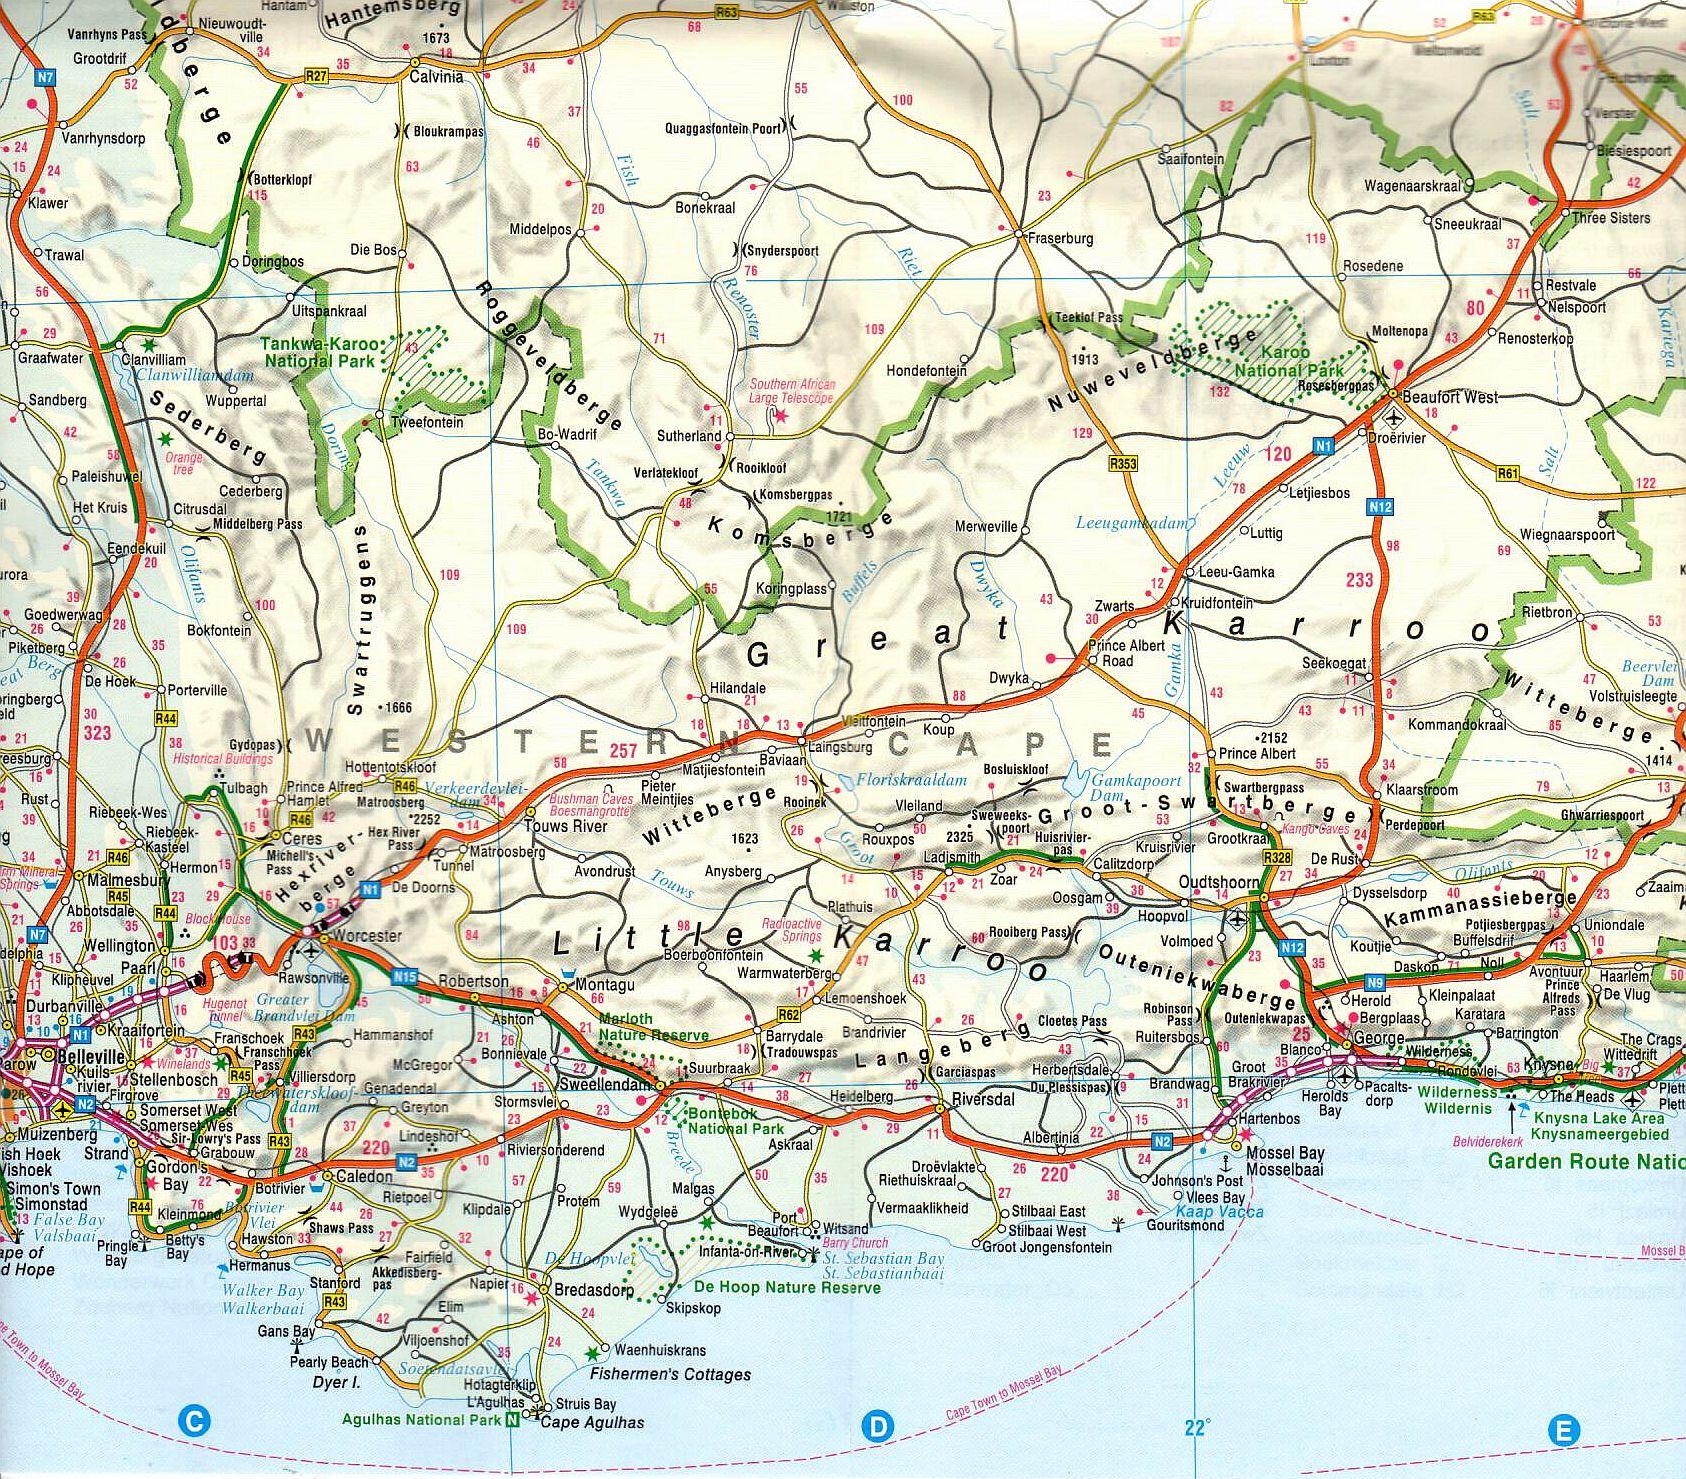 Dél-Afrika, Lesotho, Zsváziföld térkép mintakivágat